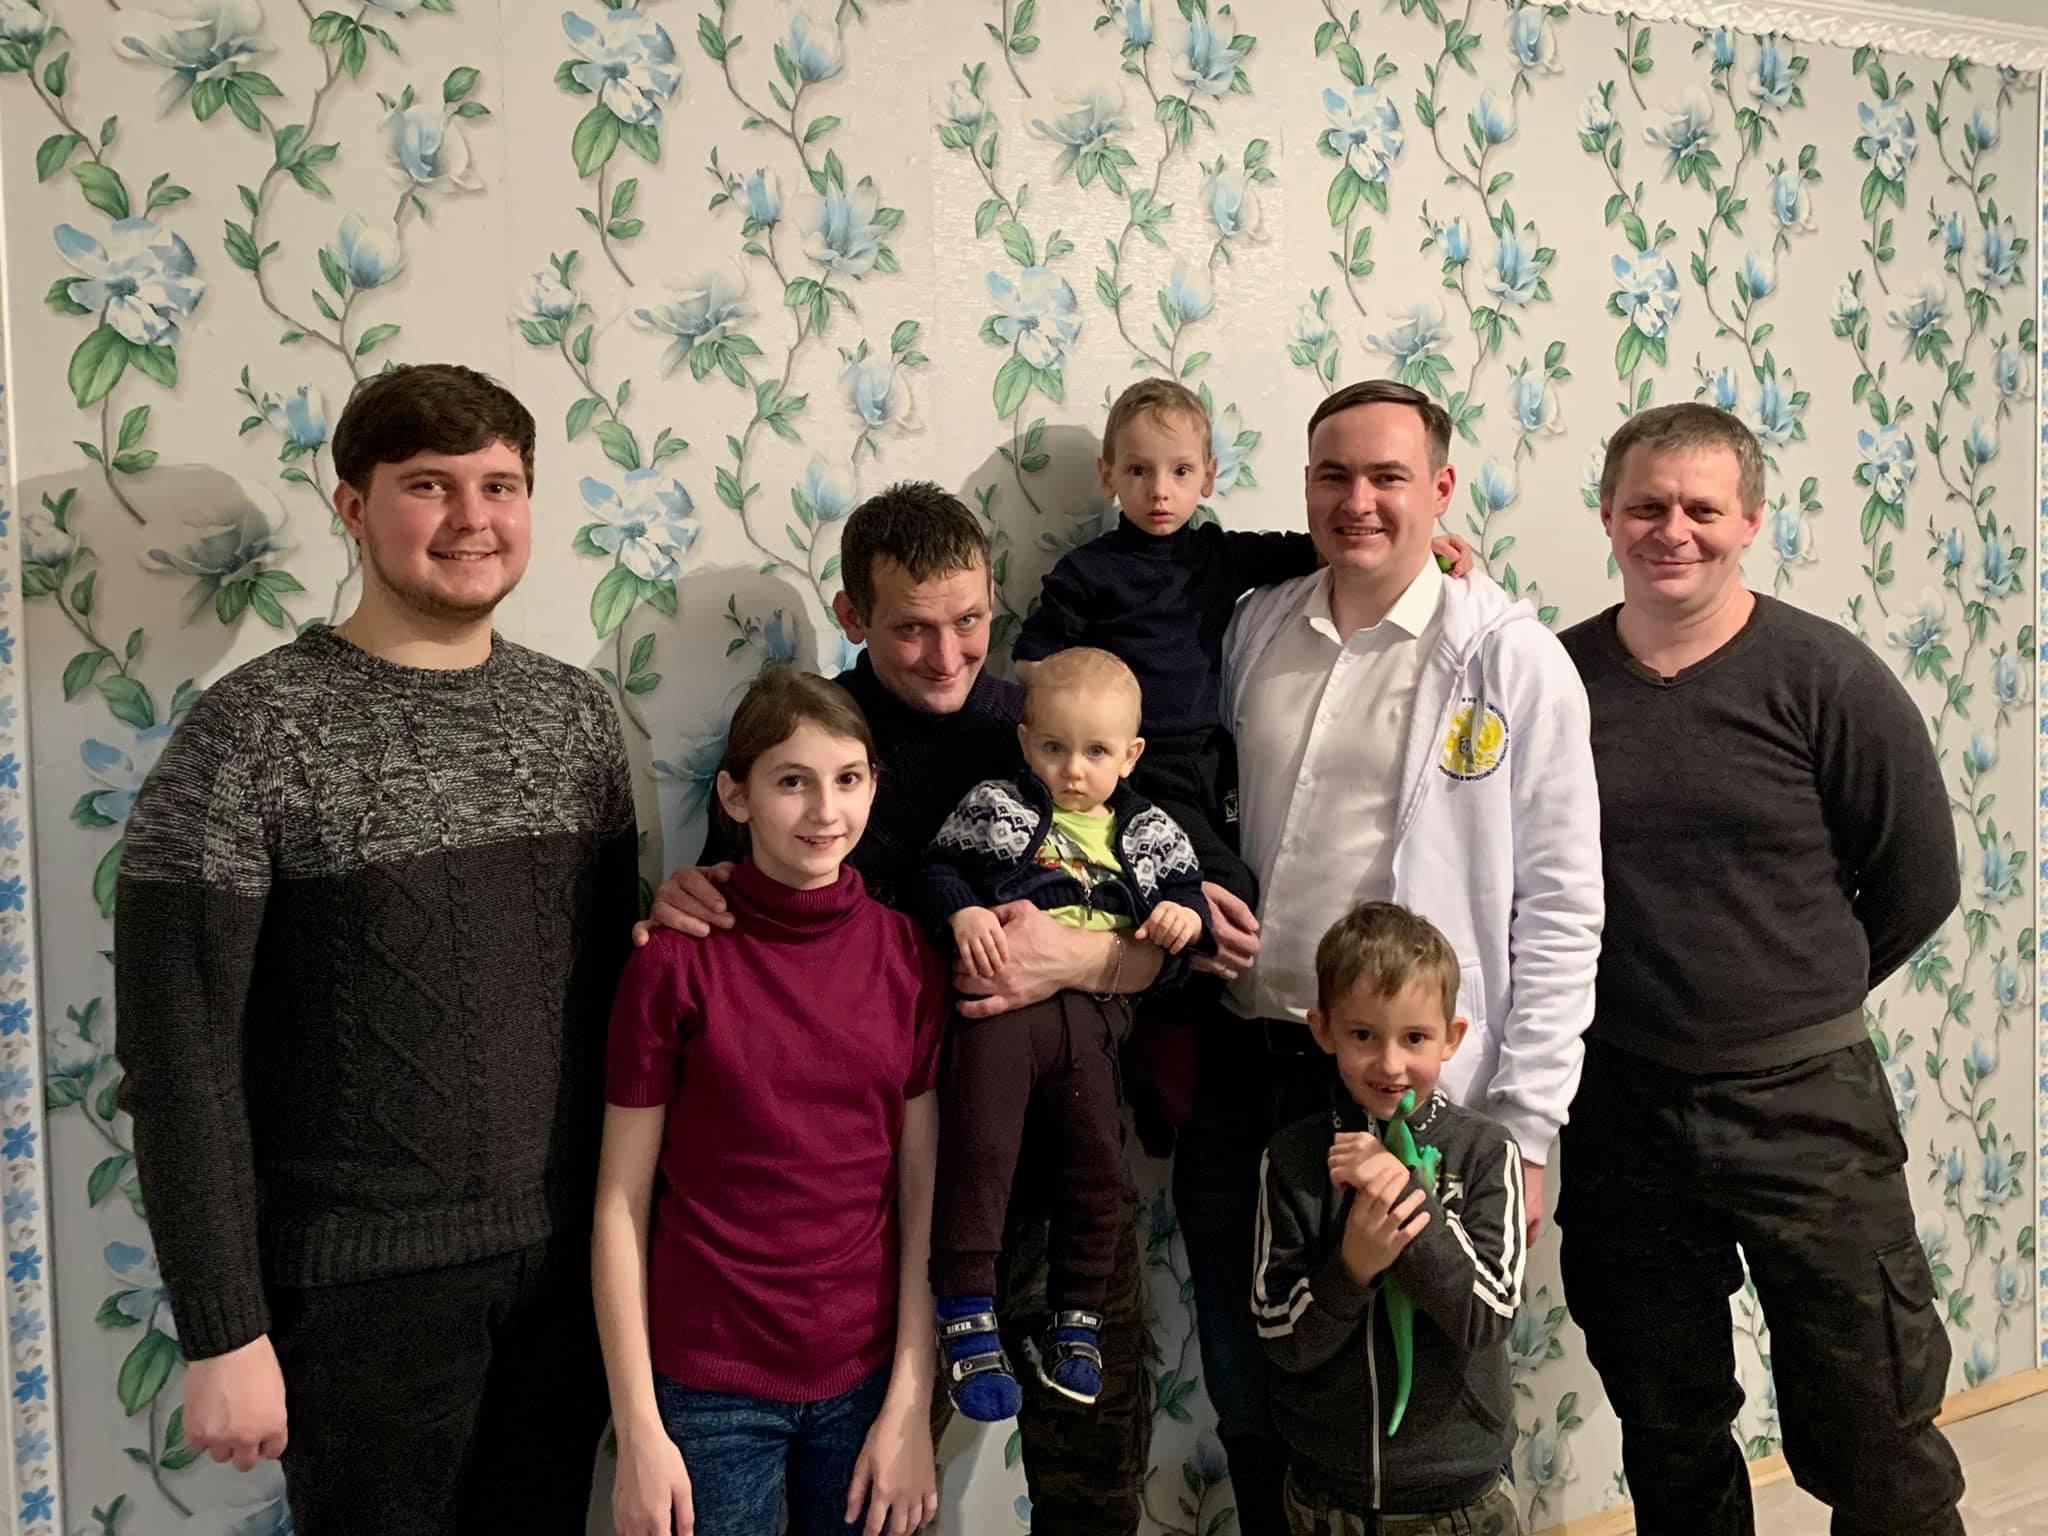 Военному из Ростова, который был вынужден ходить на службу вместе с шестимесячным сыном, помогли купить квартиру